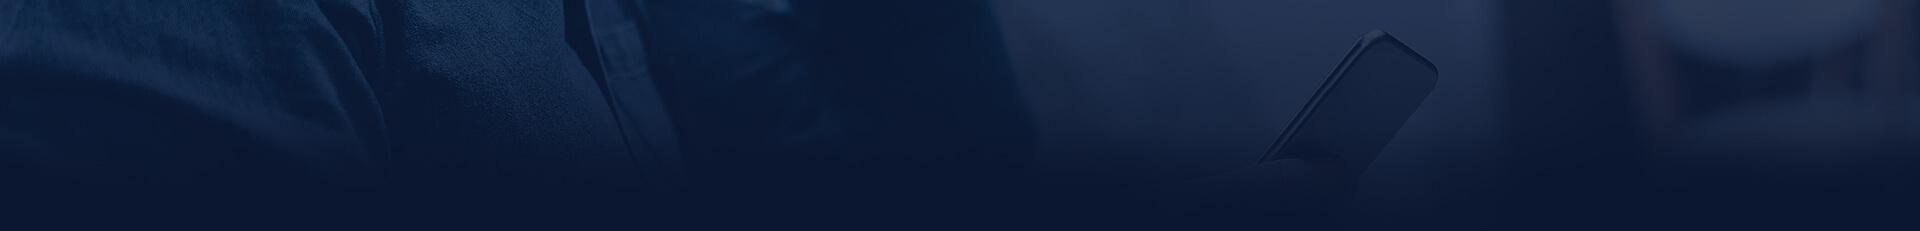 app-innovation-banner